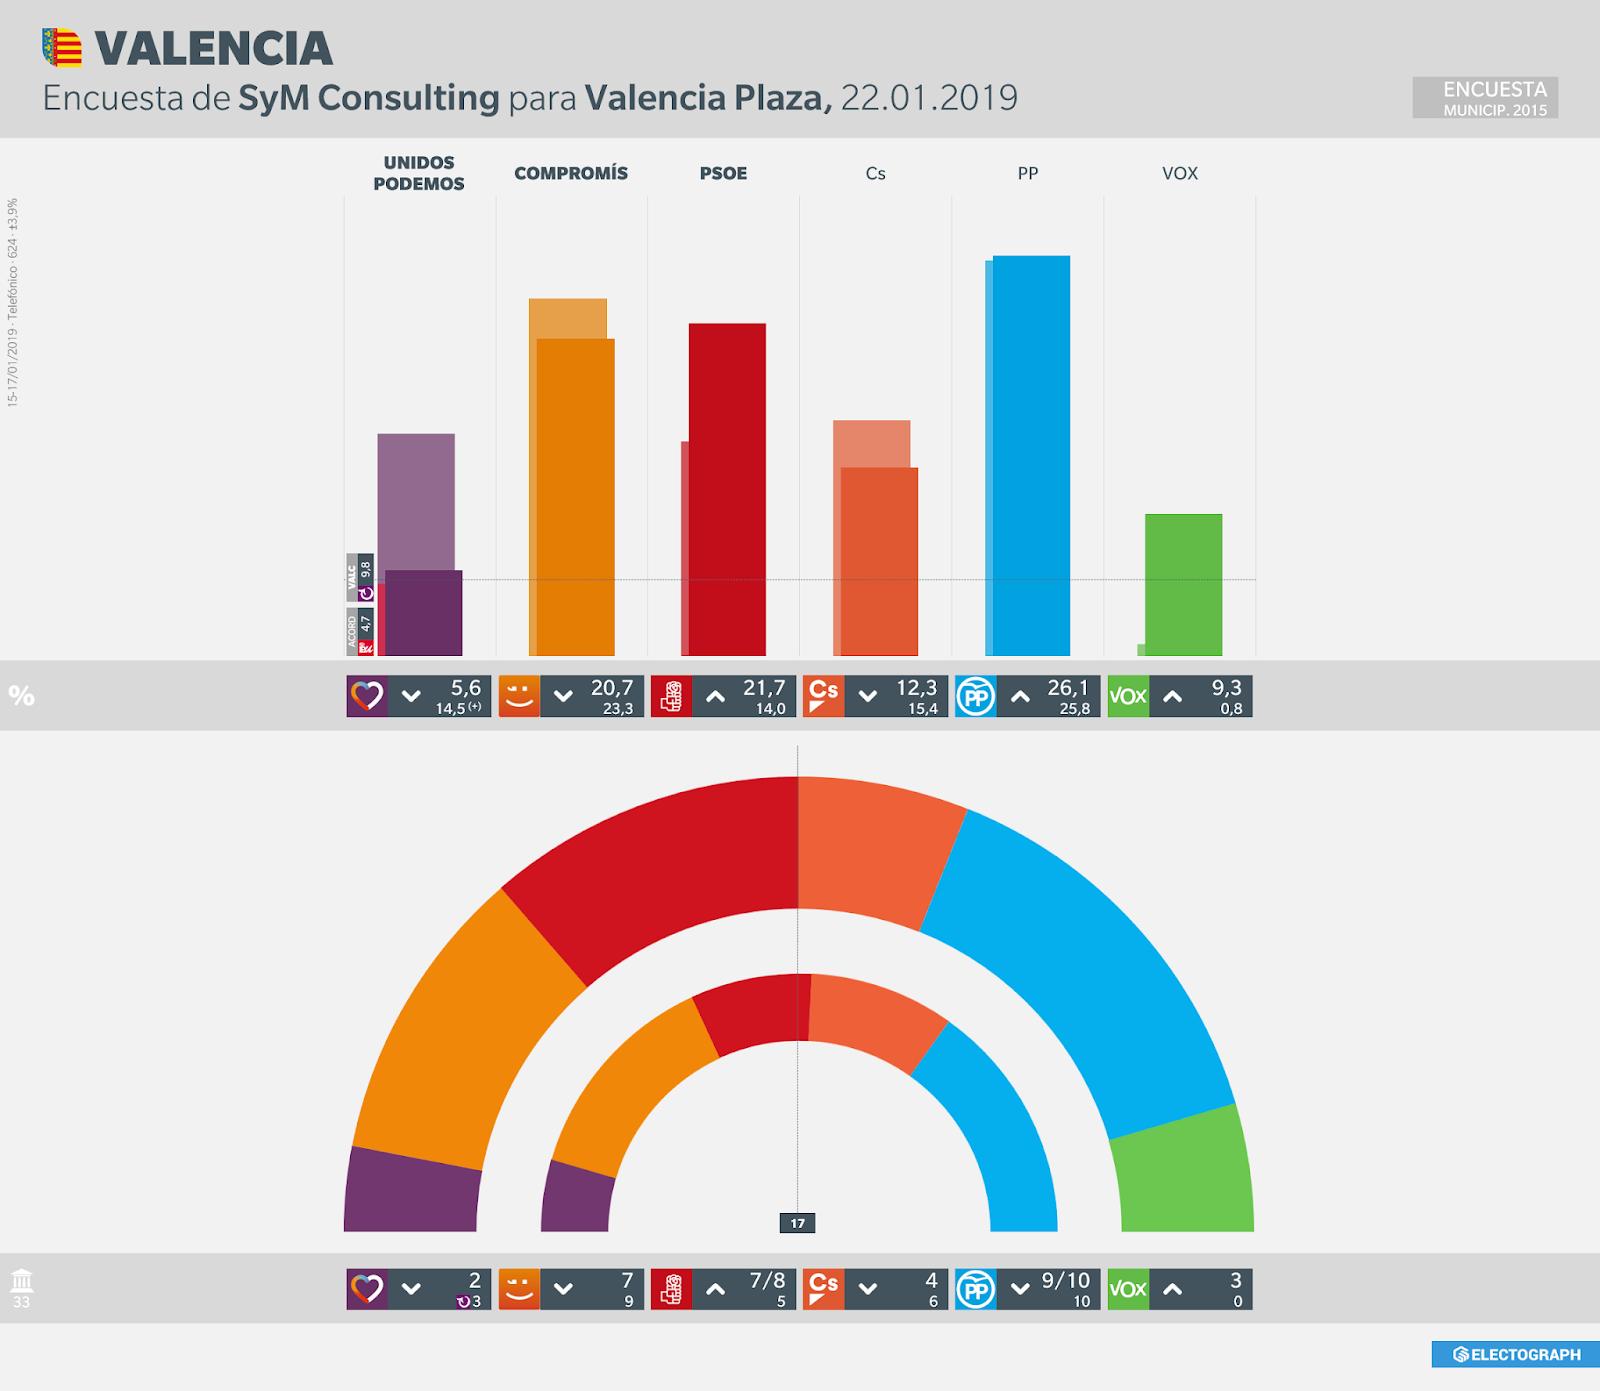 Gráfico de la encuesta para elecciones municipales en Valencia realizada por SyM Consulting para Valencia Plaza, 22 de enero de 2019